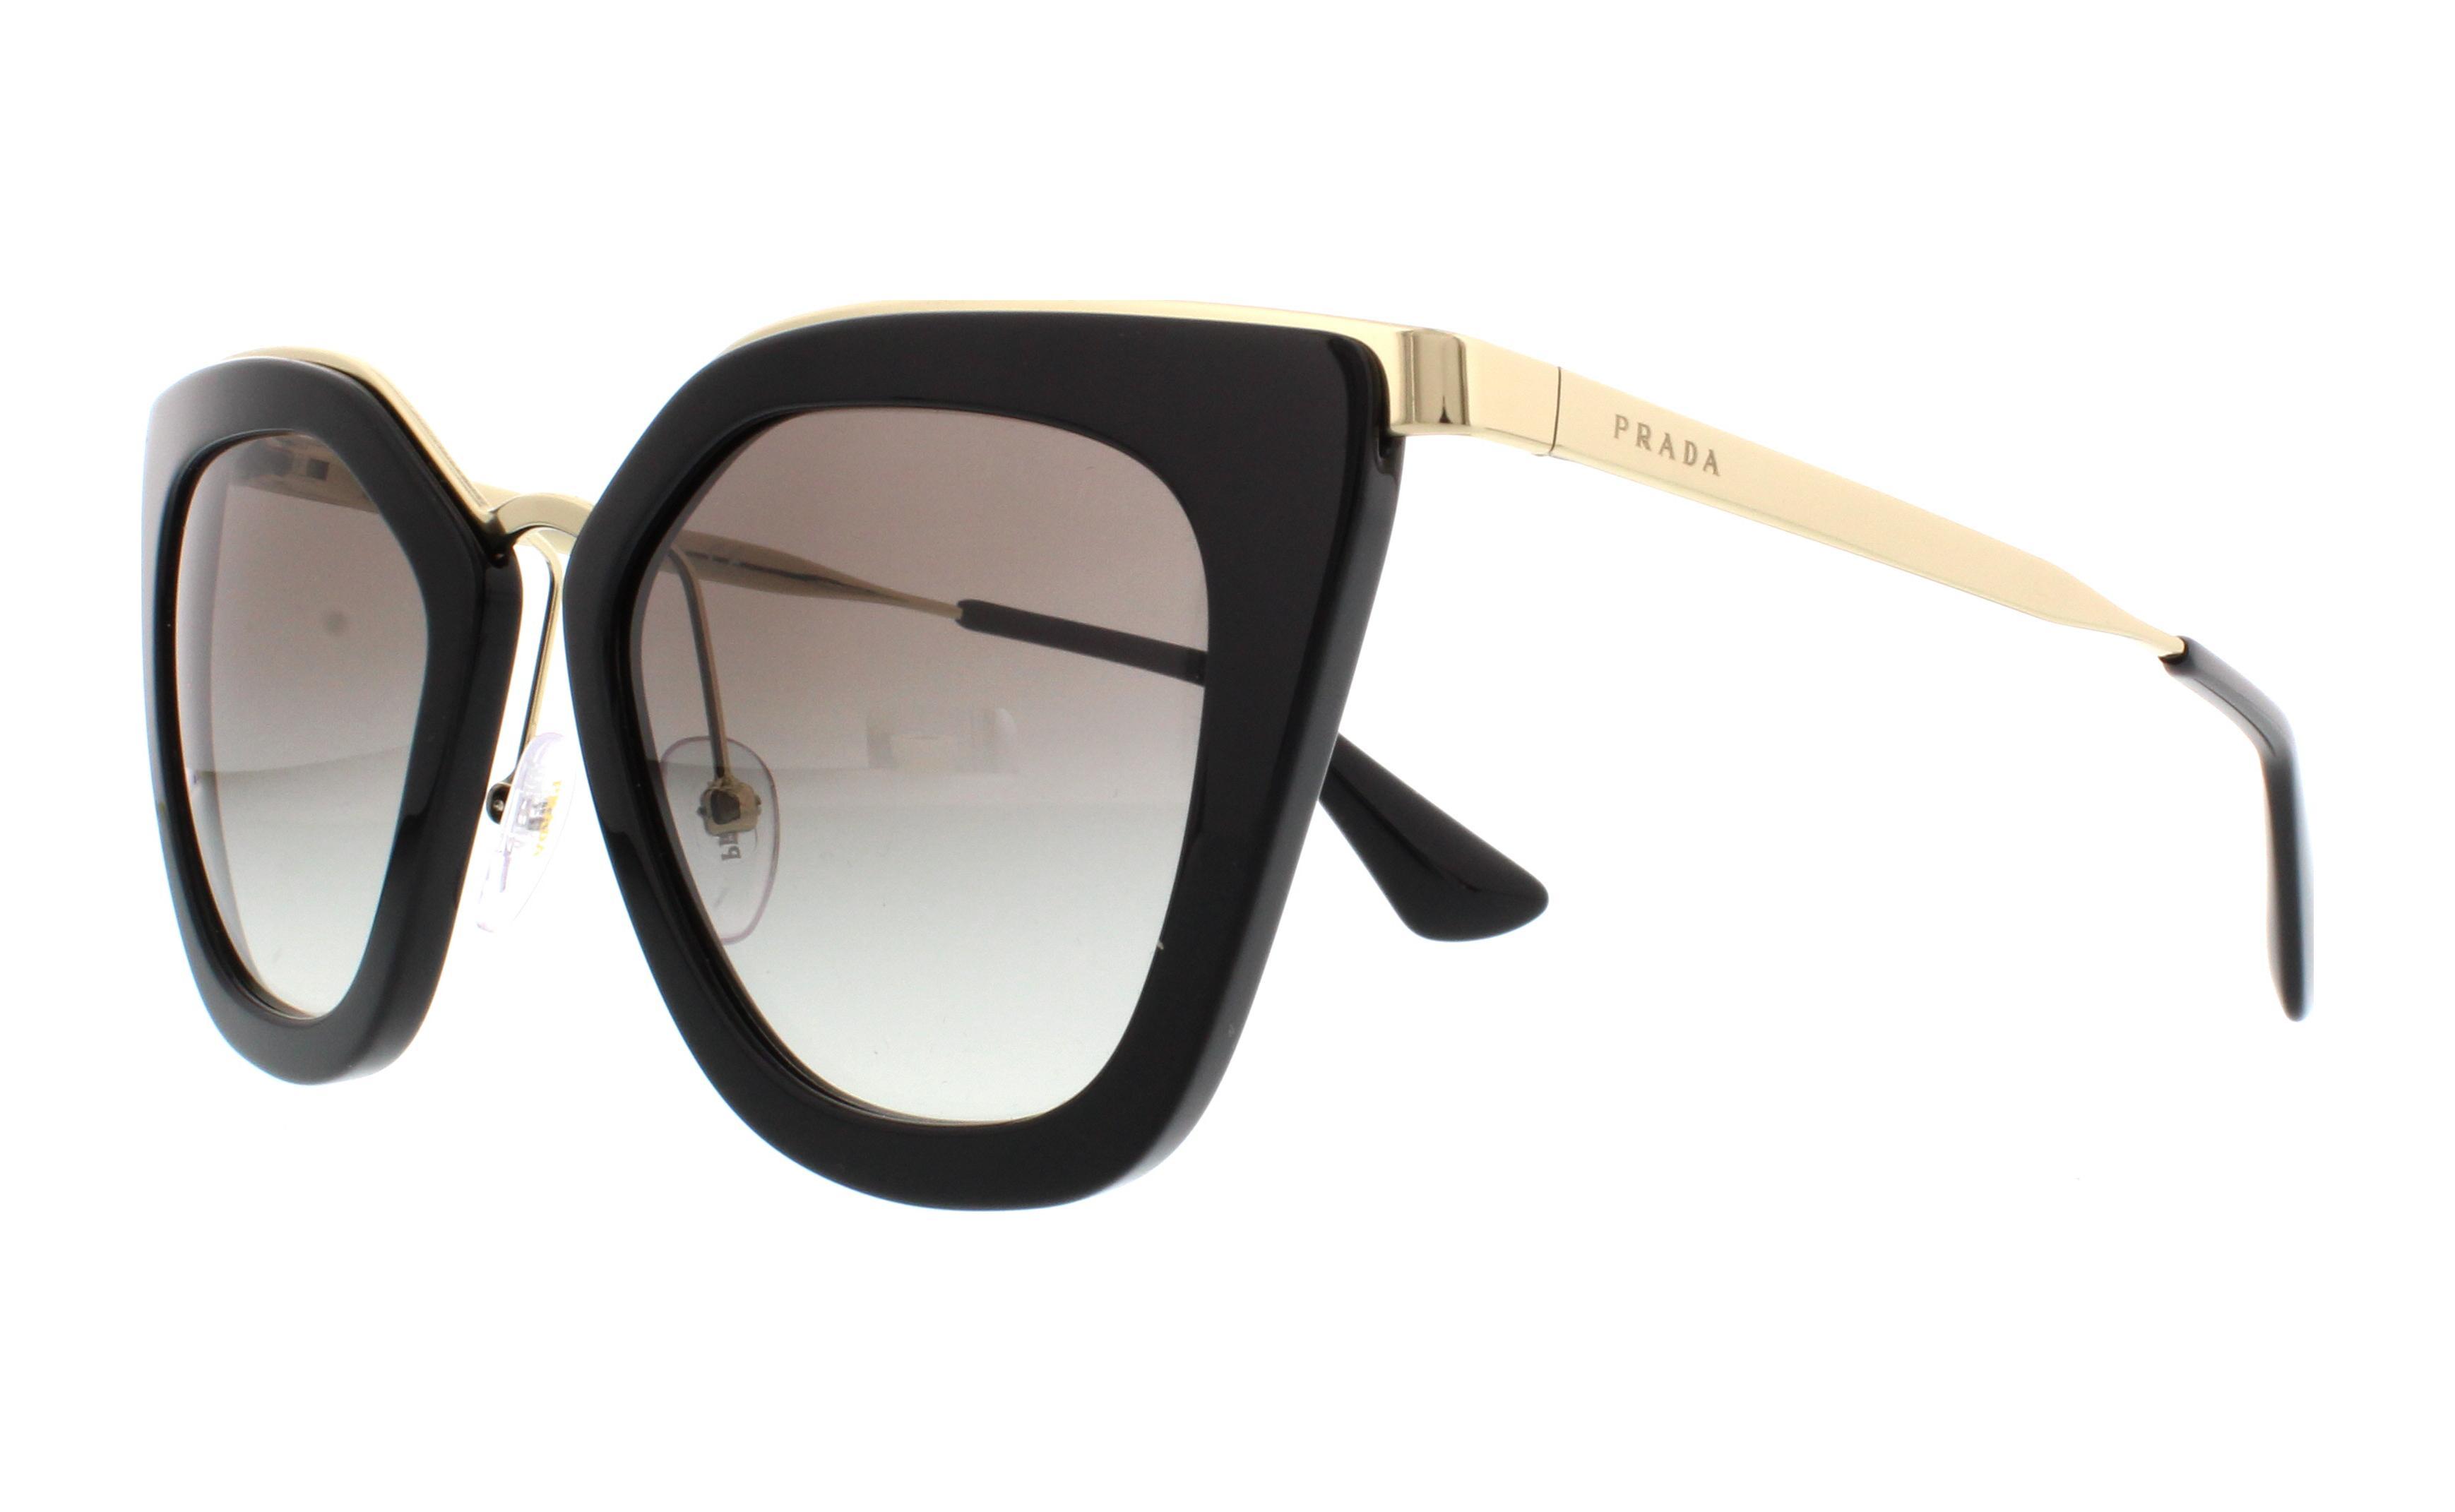 491cc5de66 PRADA Sunglasses PR53SS 1AB0A7 Black 52MM 8053672573749